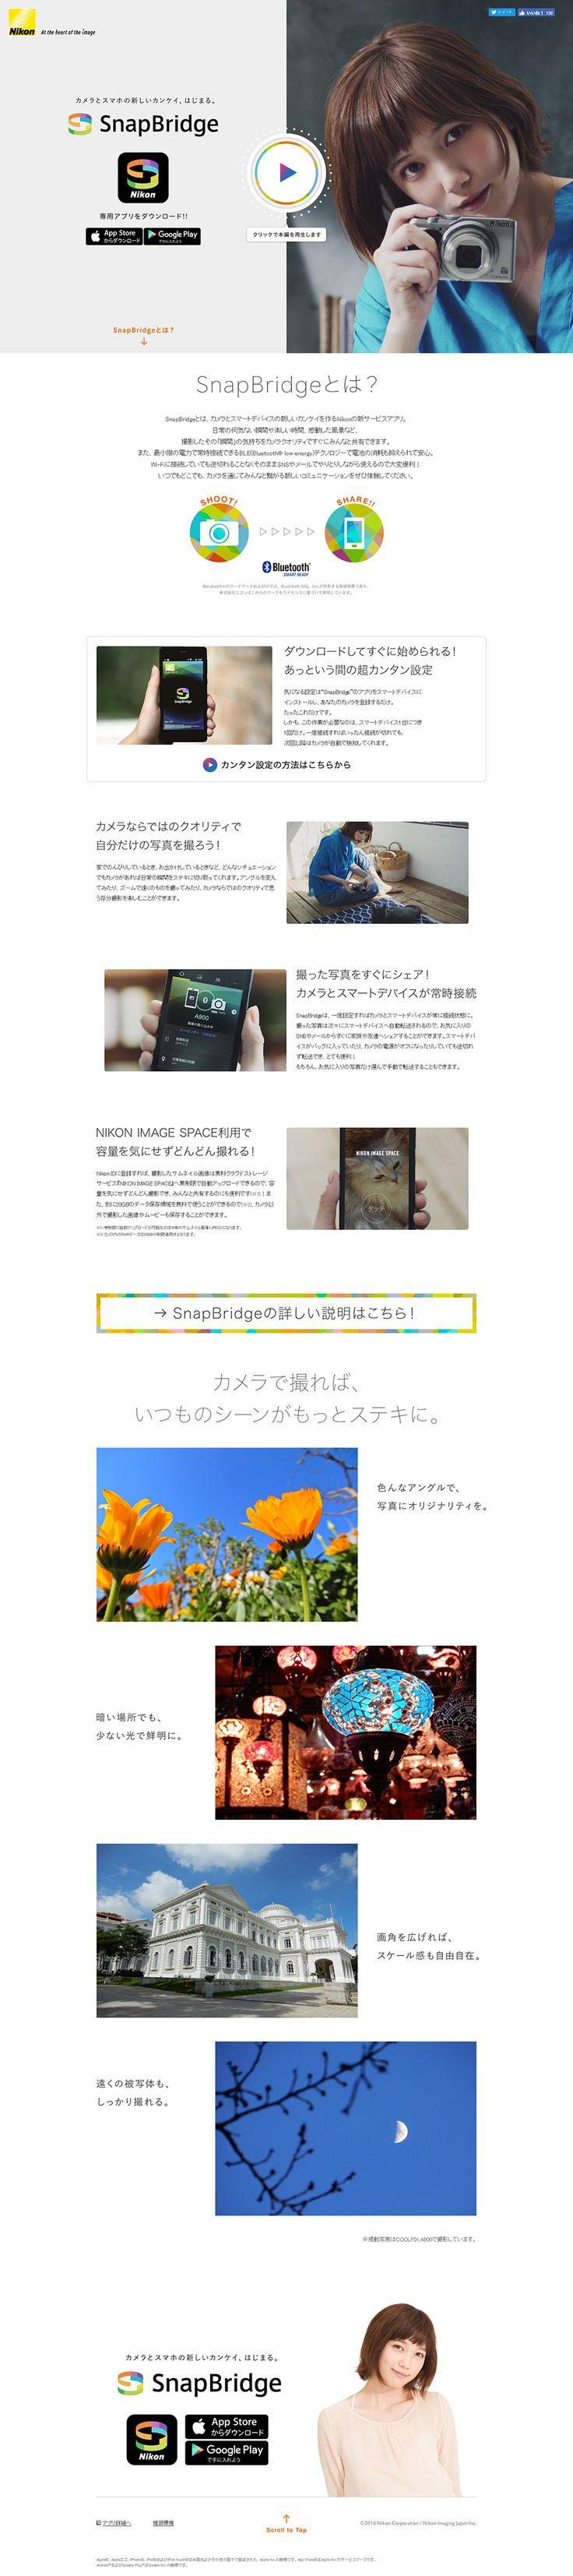 SnapBridge【サービス関連】のLPデザイン。WEBデザイナーさん必見!ランディングページのデザイン参考に(かっこいい系)